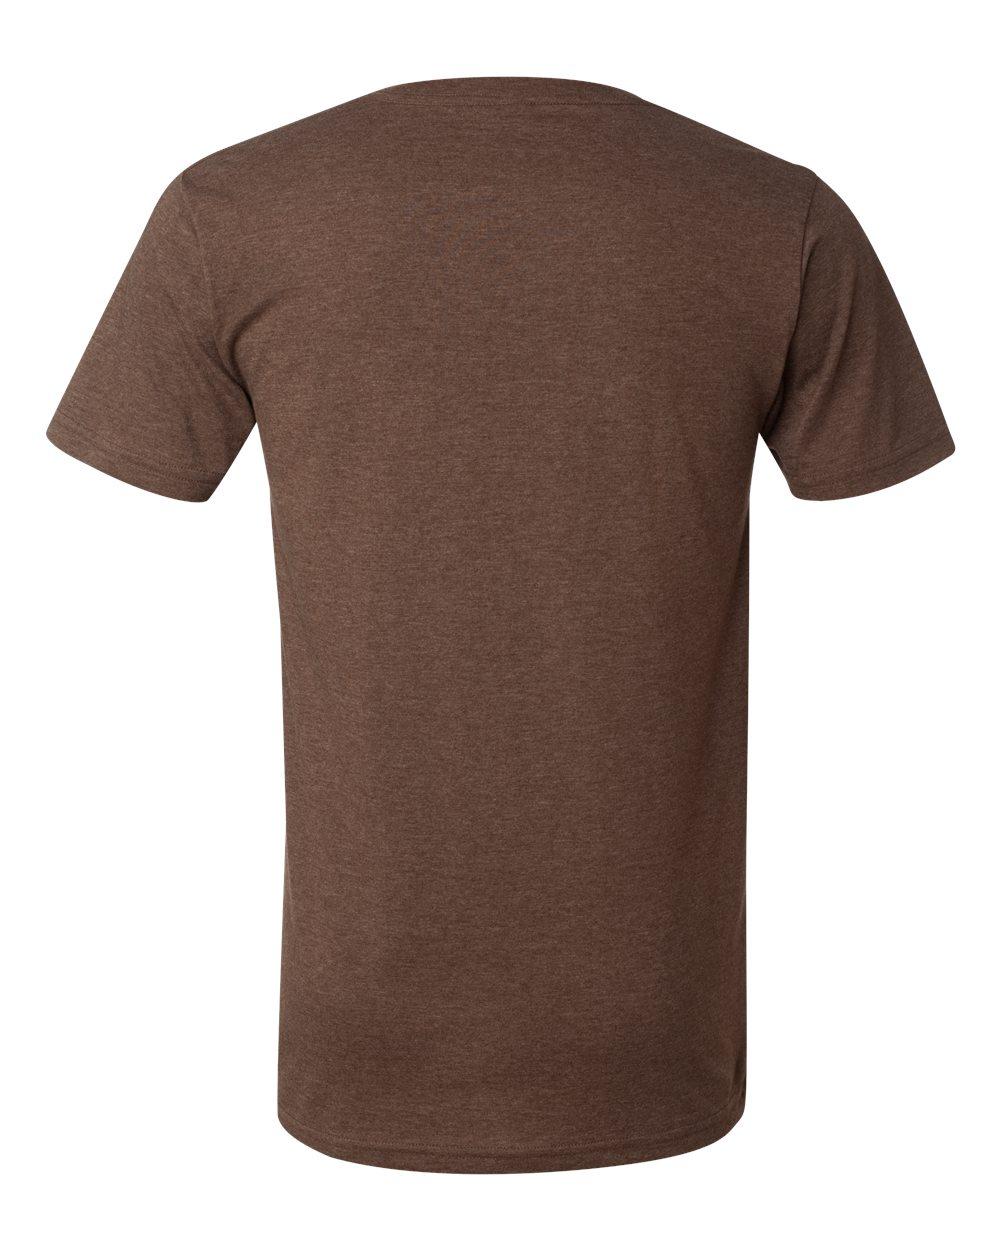 Bella-Canvas-Men-039-s-Jersey-Short-Sleeve-V-Neck-T-Shirt-3005-XS-3XL thumbnail 59